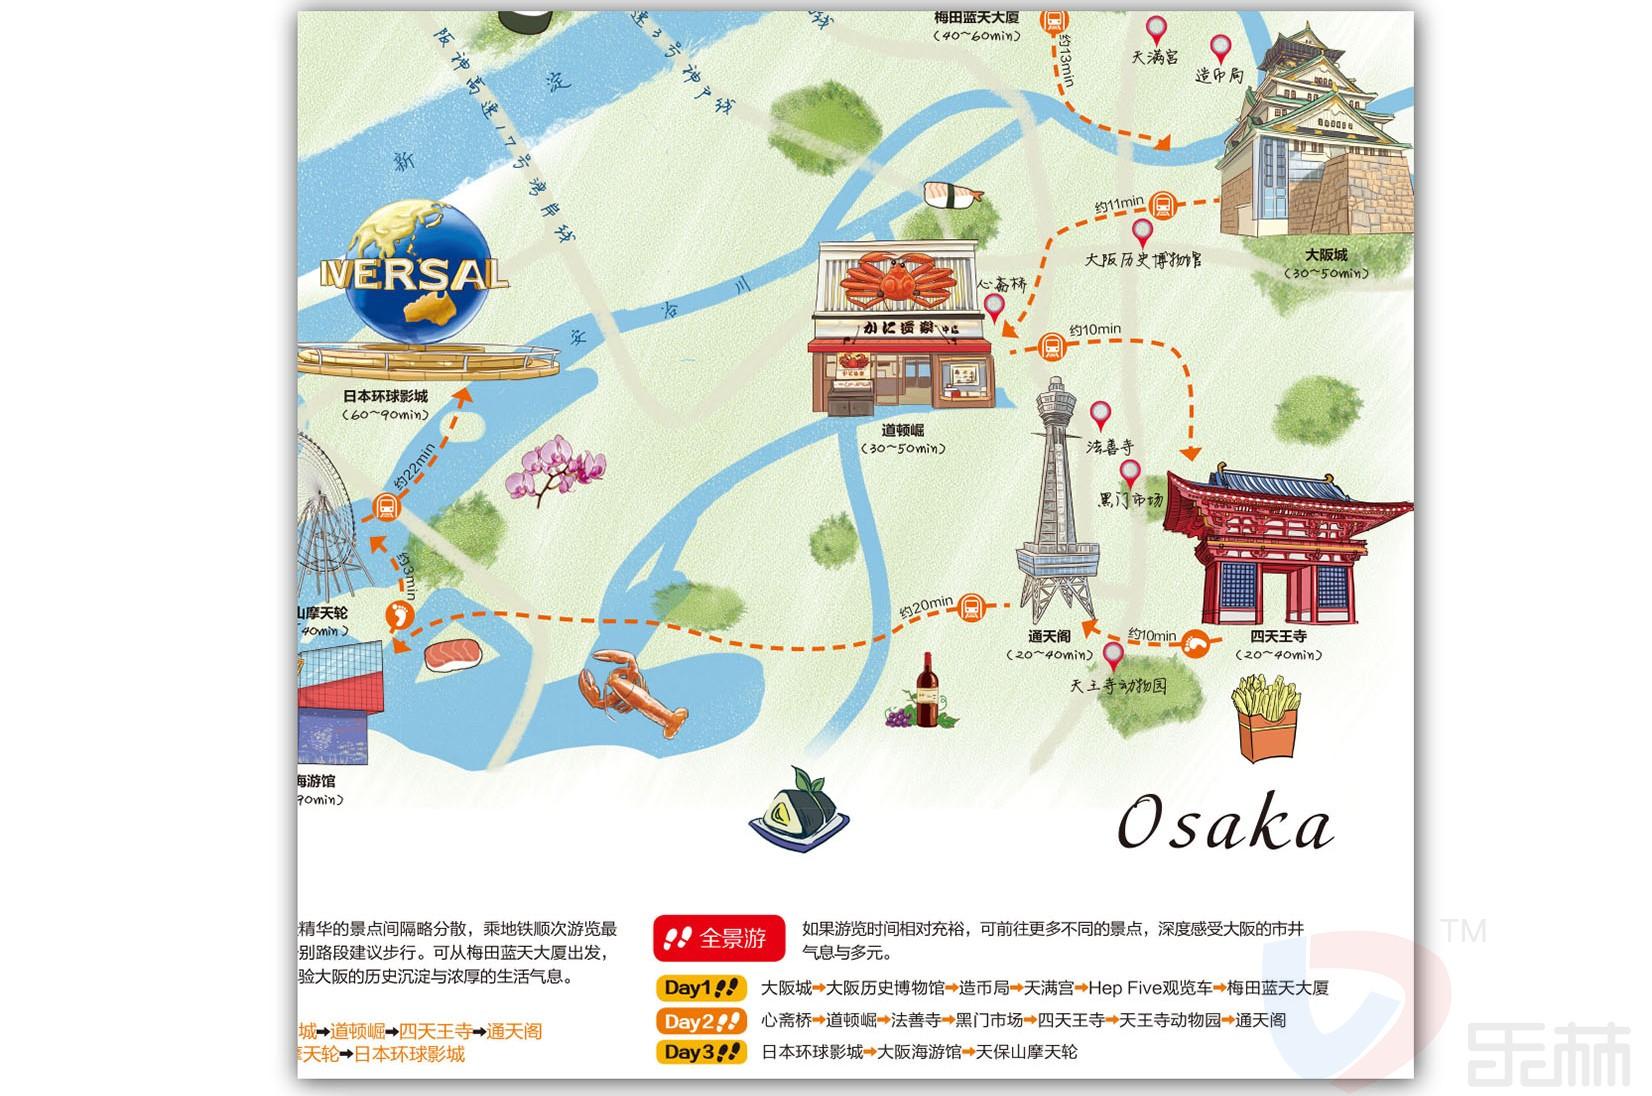 2018全新版大阪旅游地图完美旅游行前规划详尽旅游地图附赠大